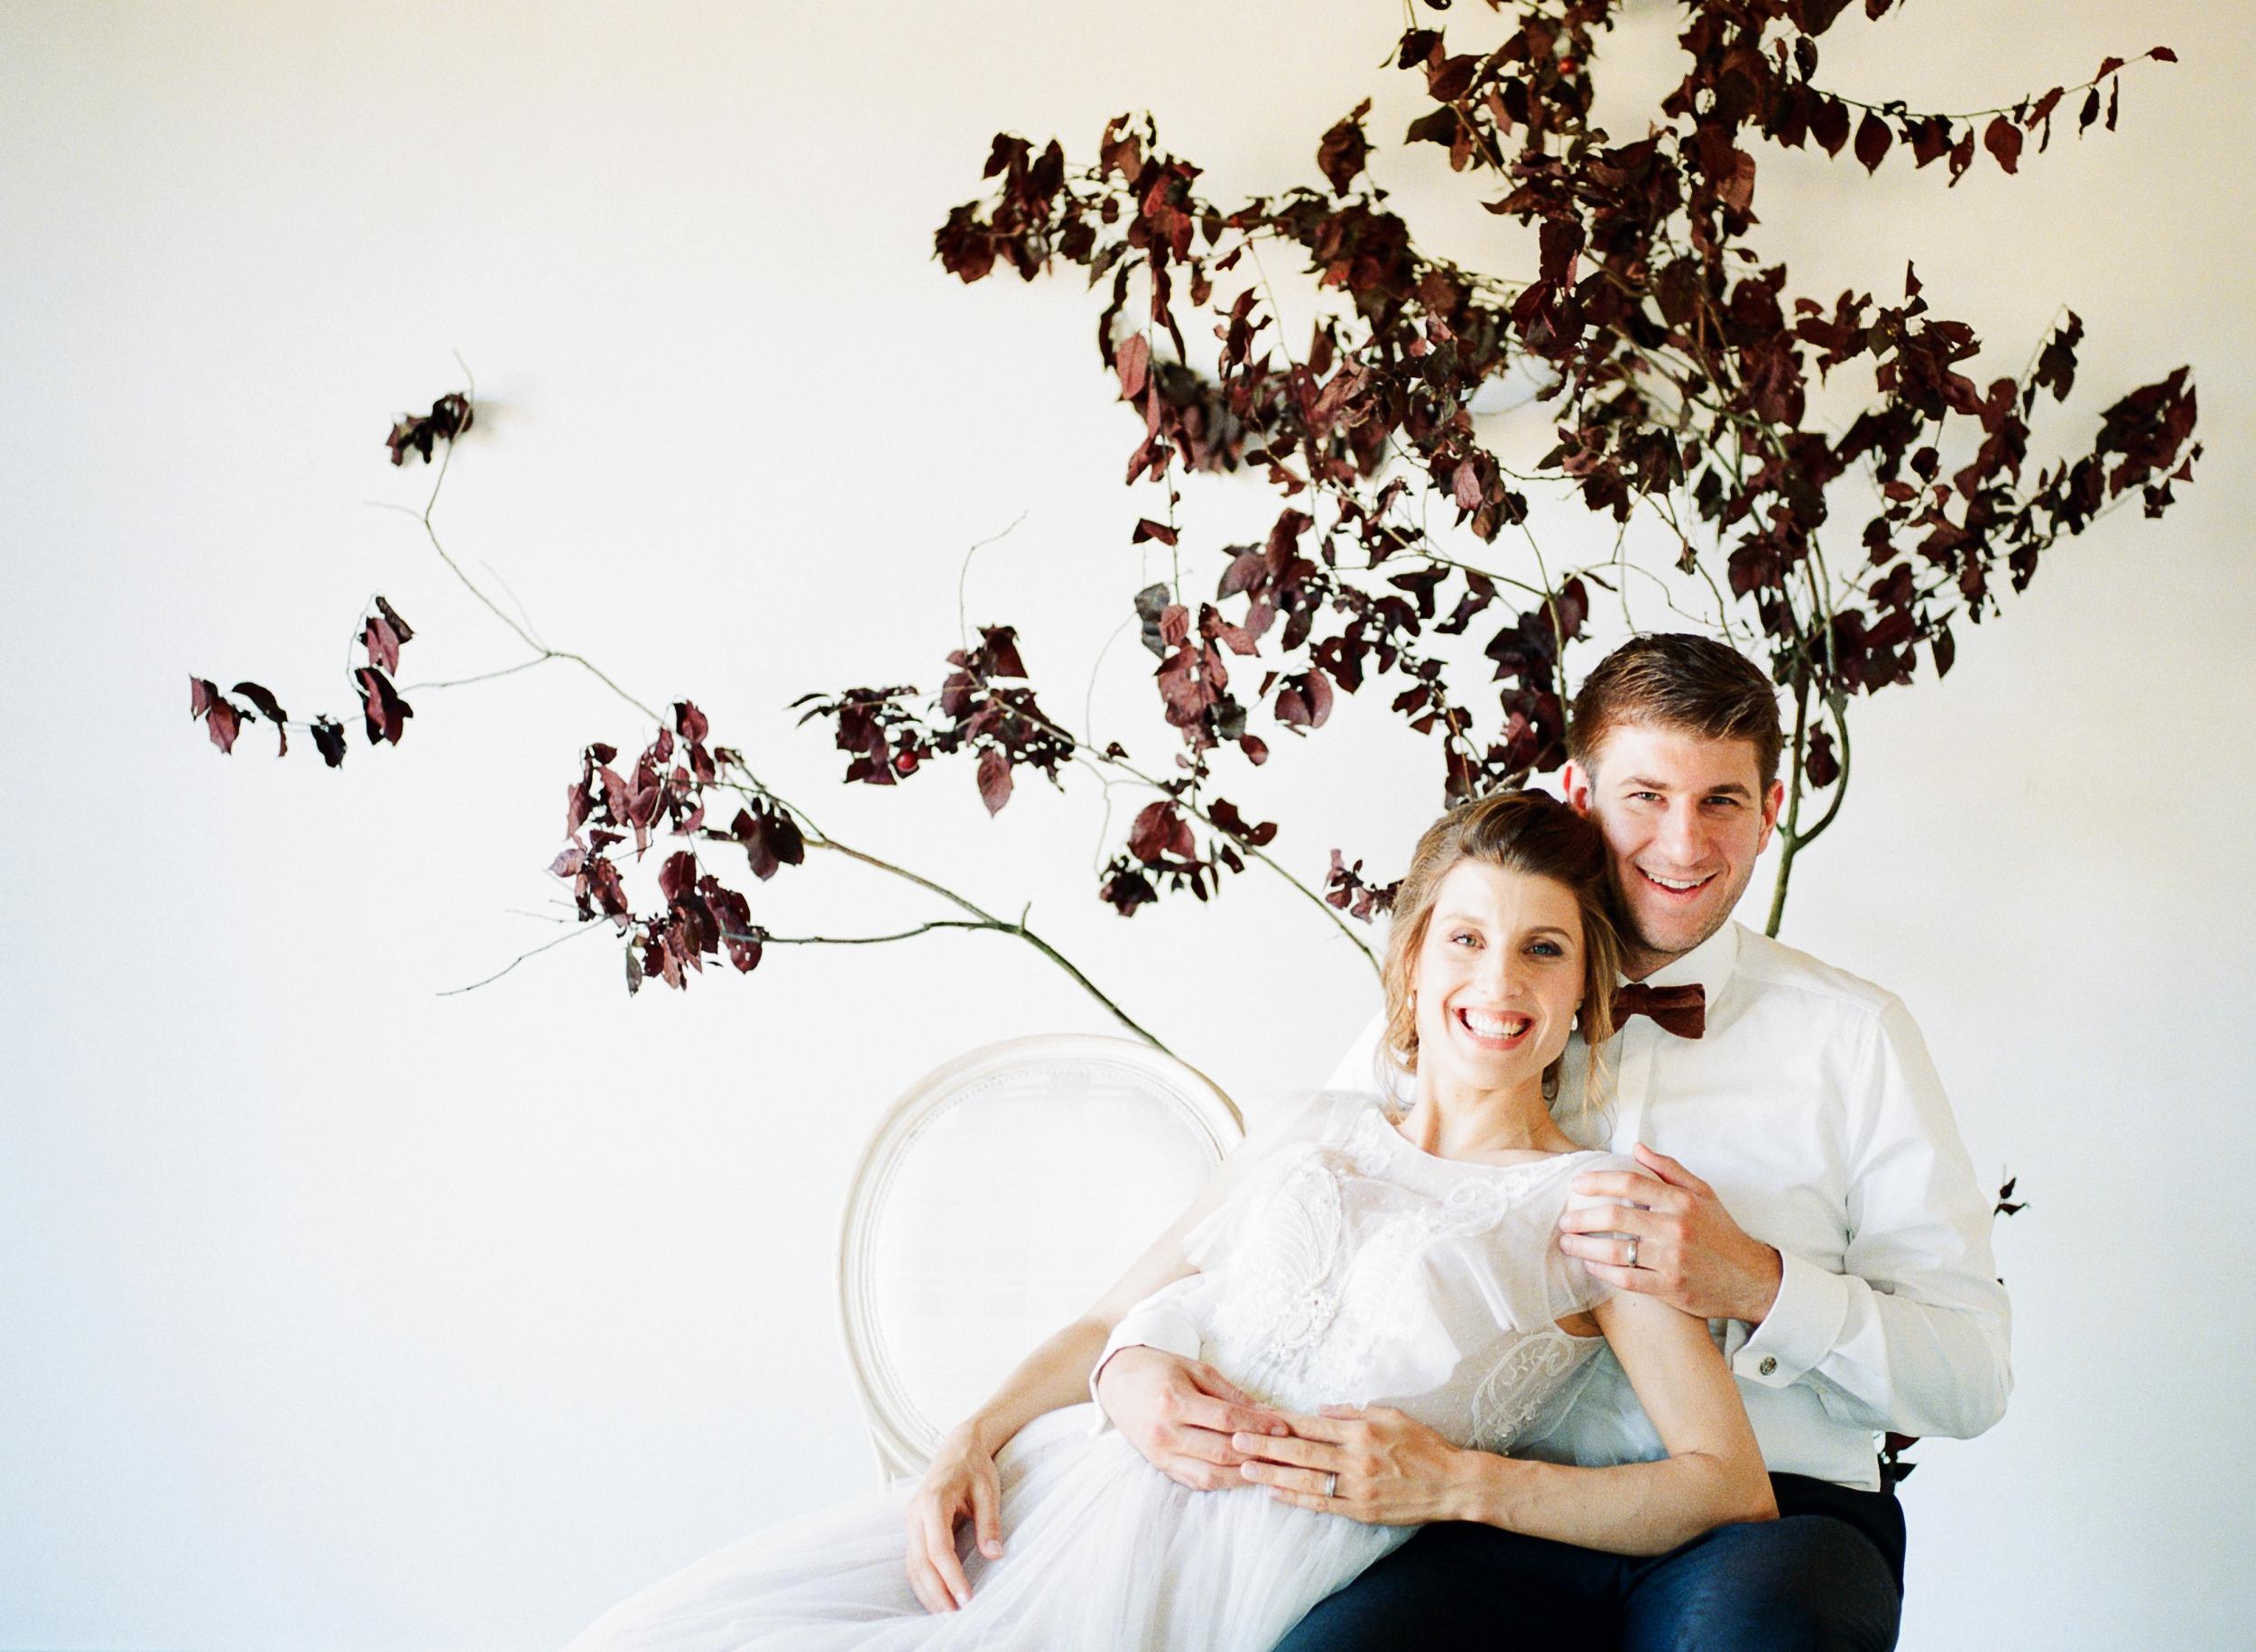 Studio Afterwedding shoot in Hennef with  Suesse poesie - Tanja Kibogo (24).JPG